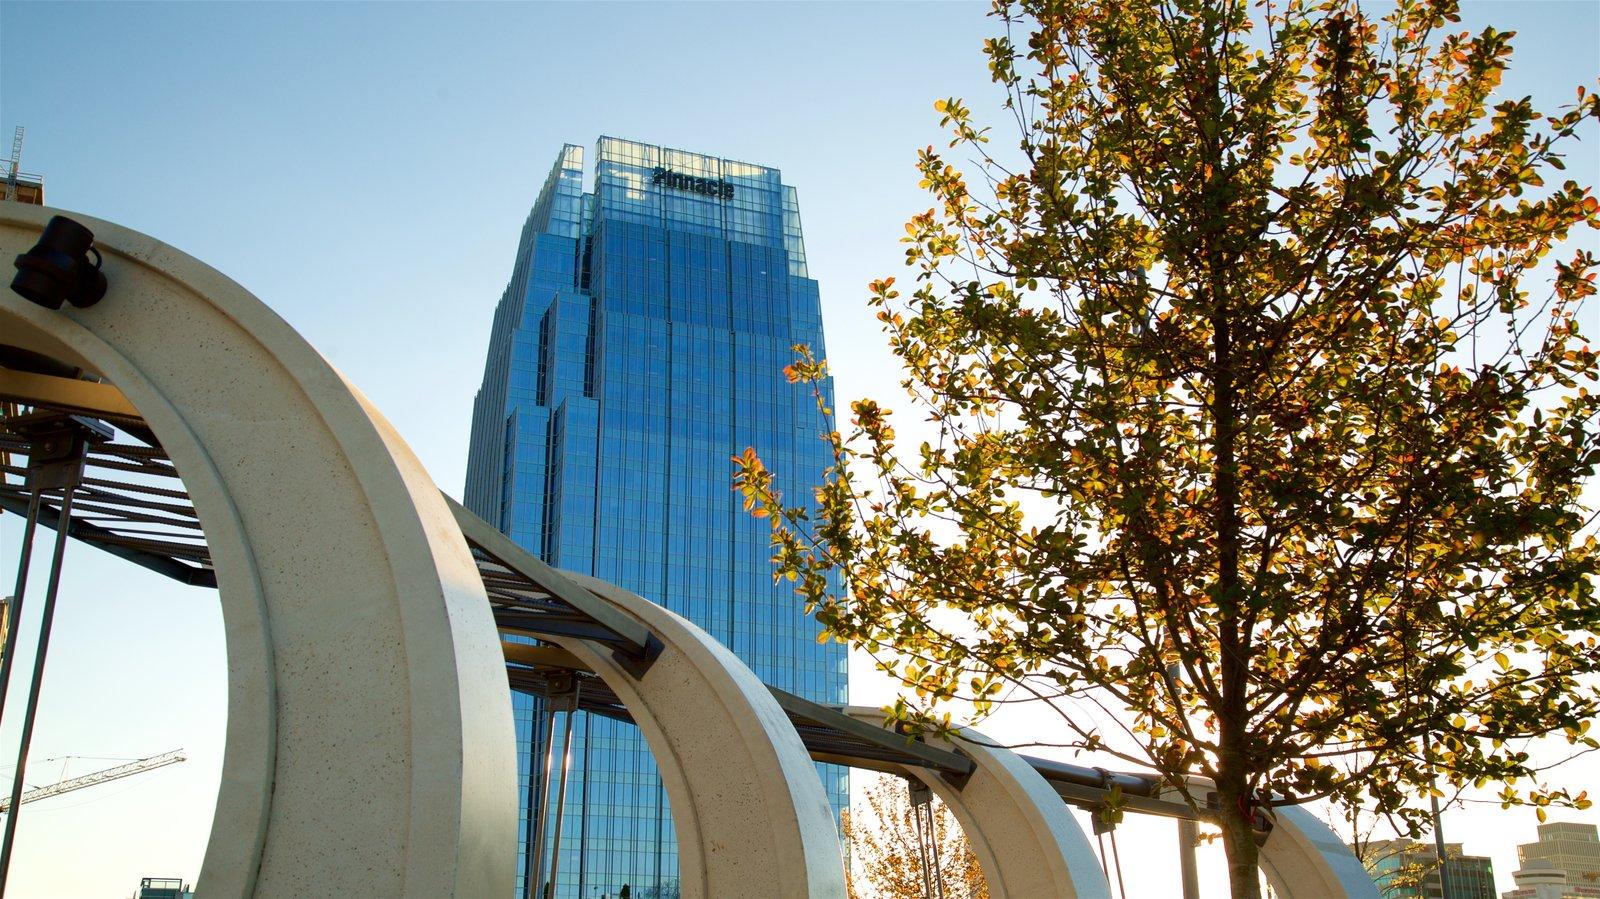 Riverfront Park ofreciendo una puesta de sol y un edificio de gran altura